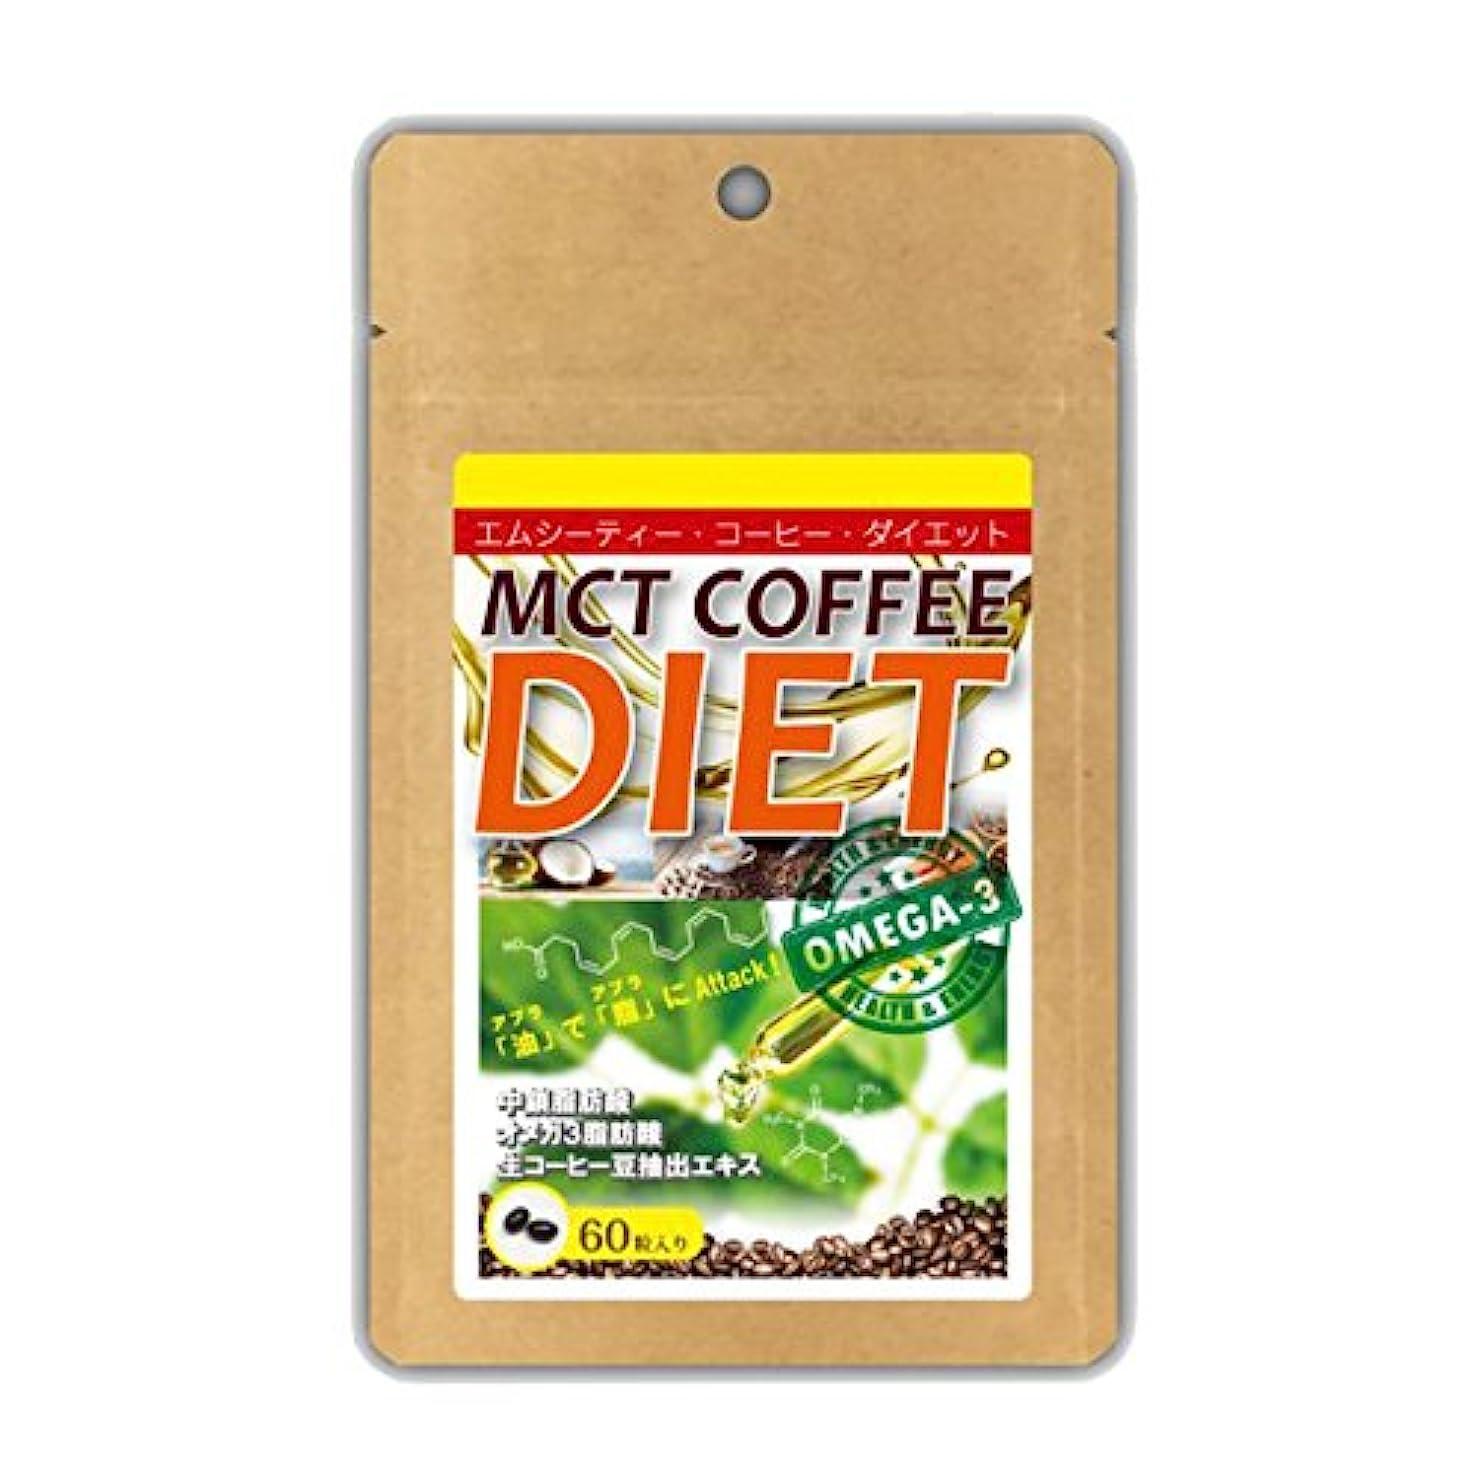 キャラバン涙が出る腫瘍【MCTオイル】MCTコーヒーダイエット 60カプセル入り